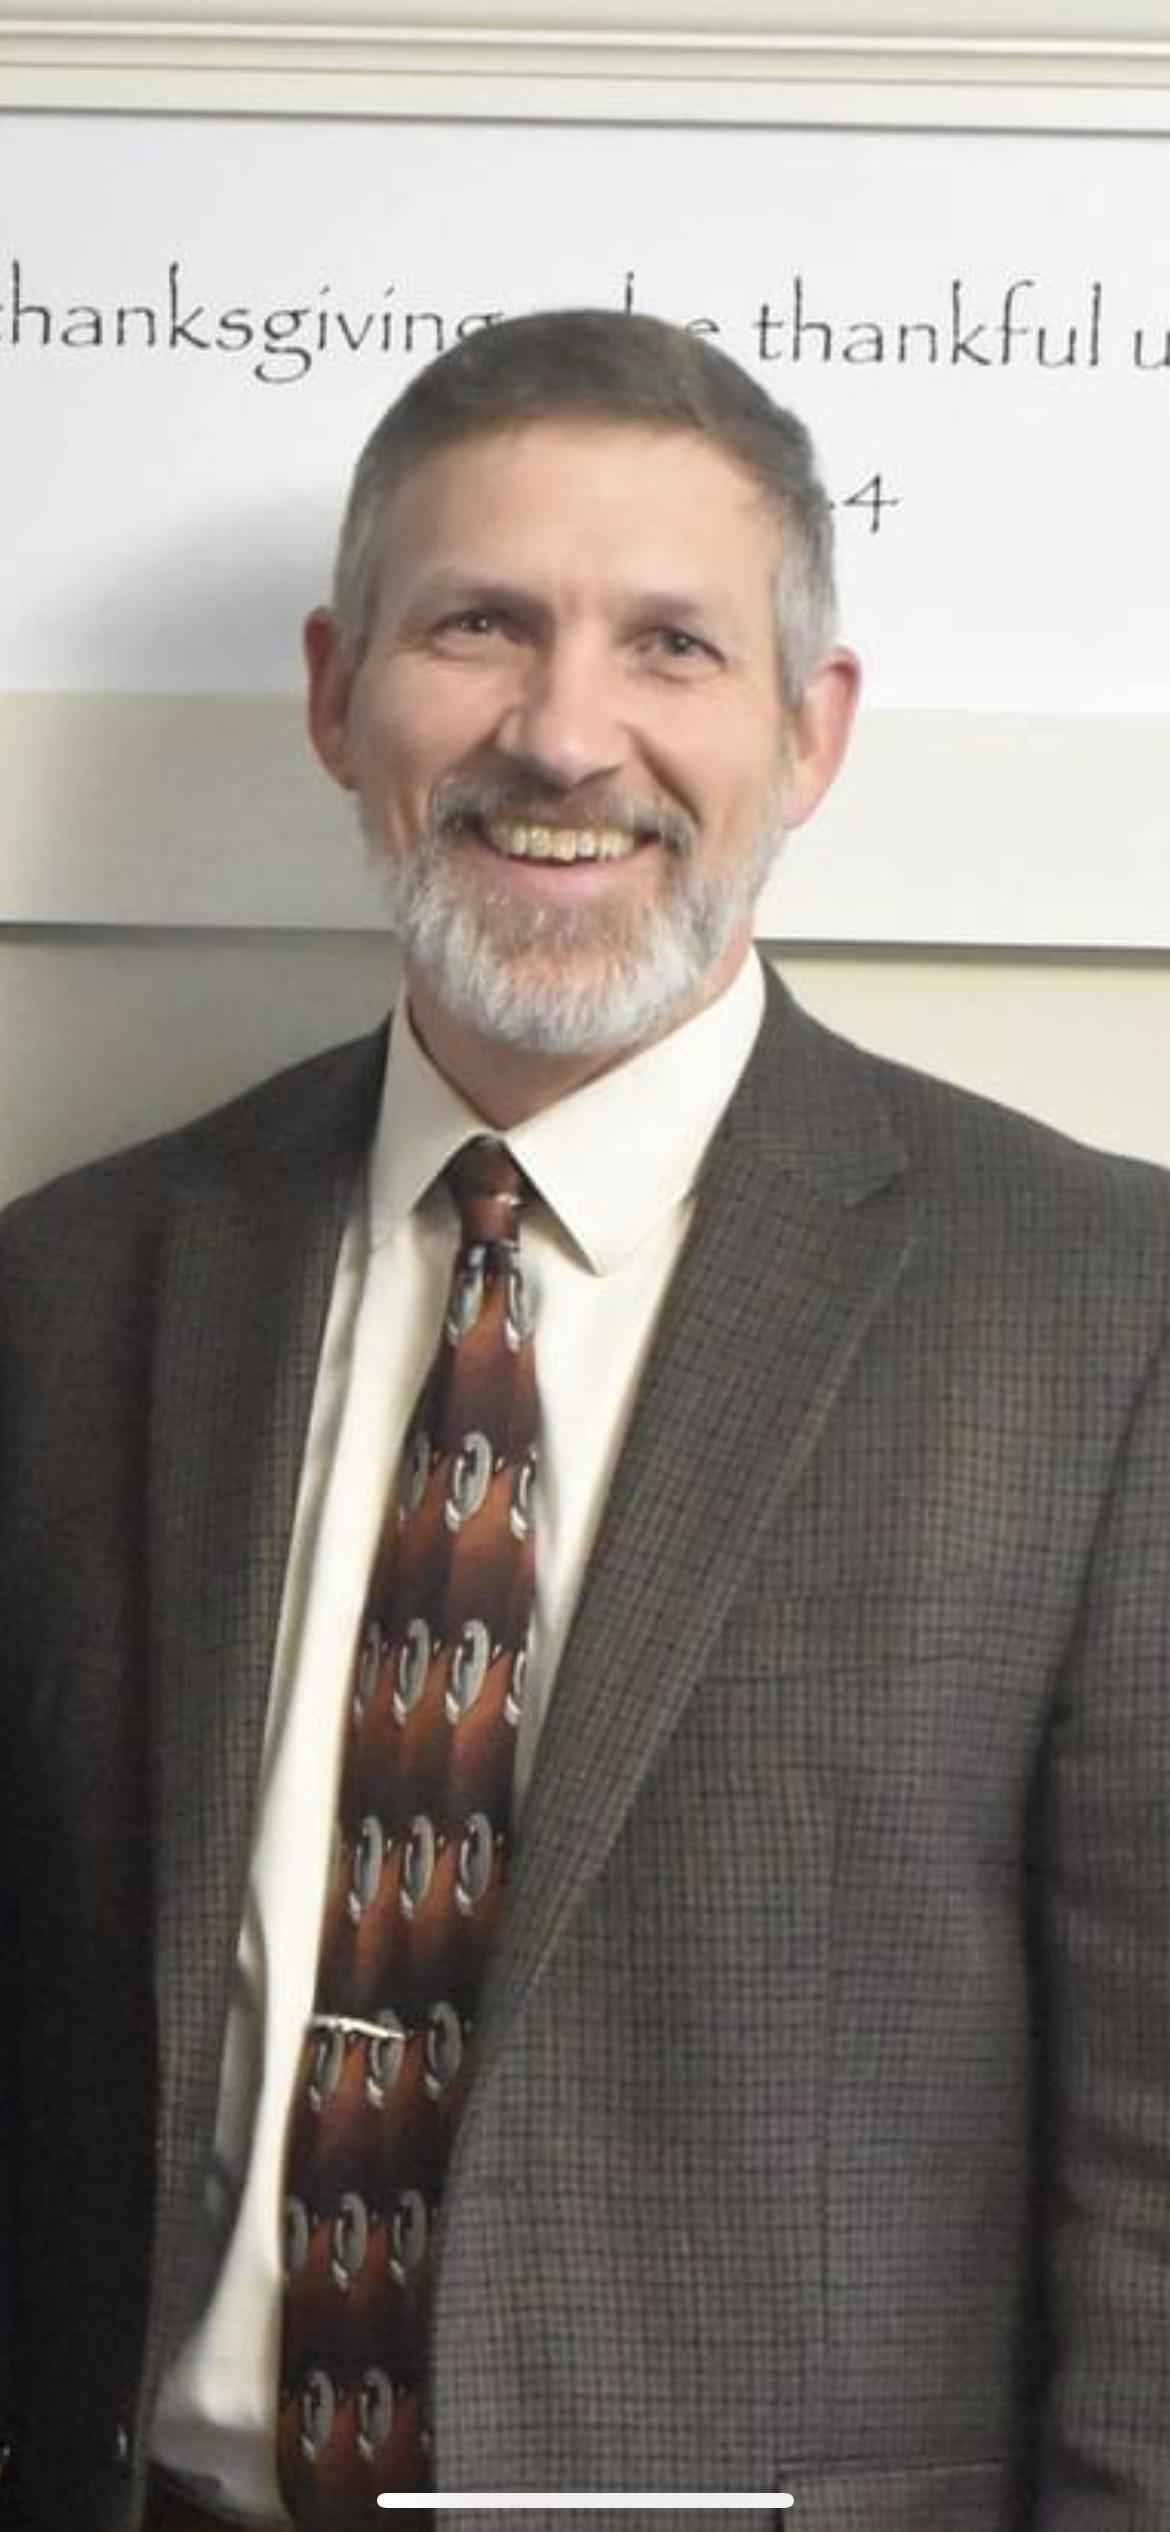 Pastor Keith Hilton